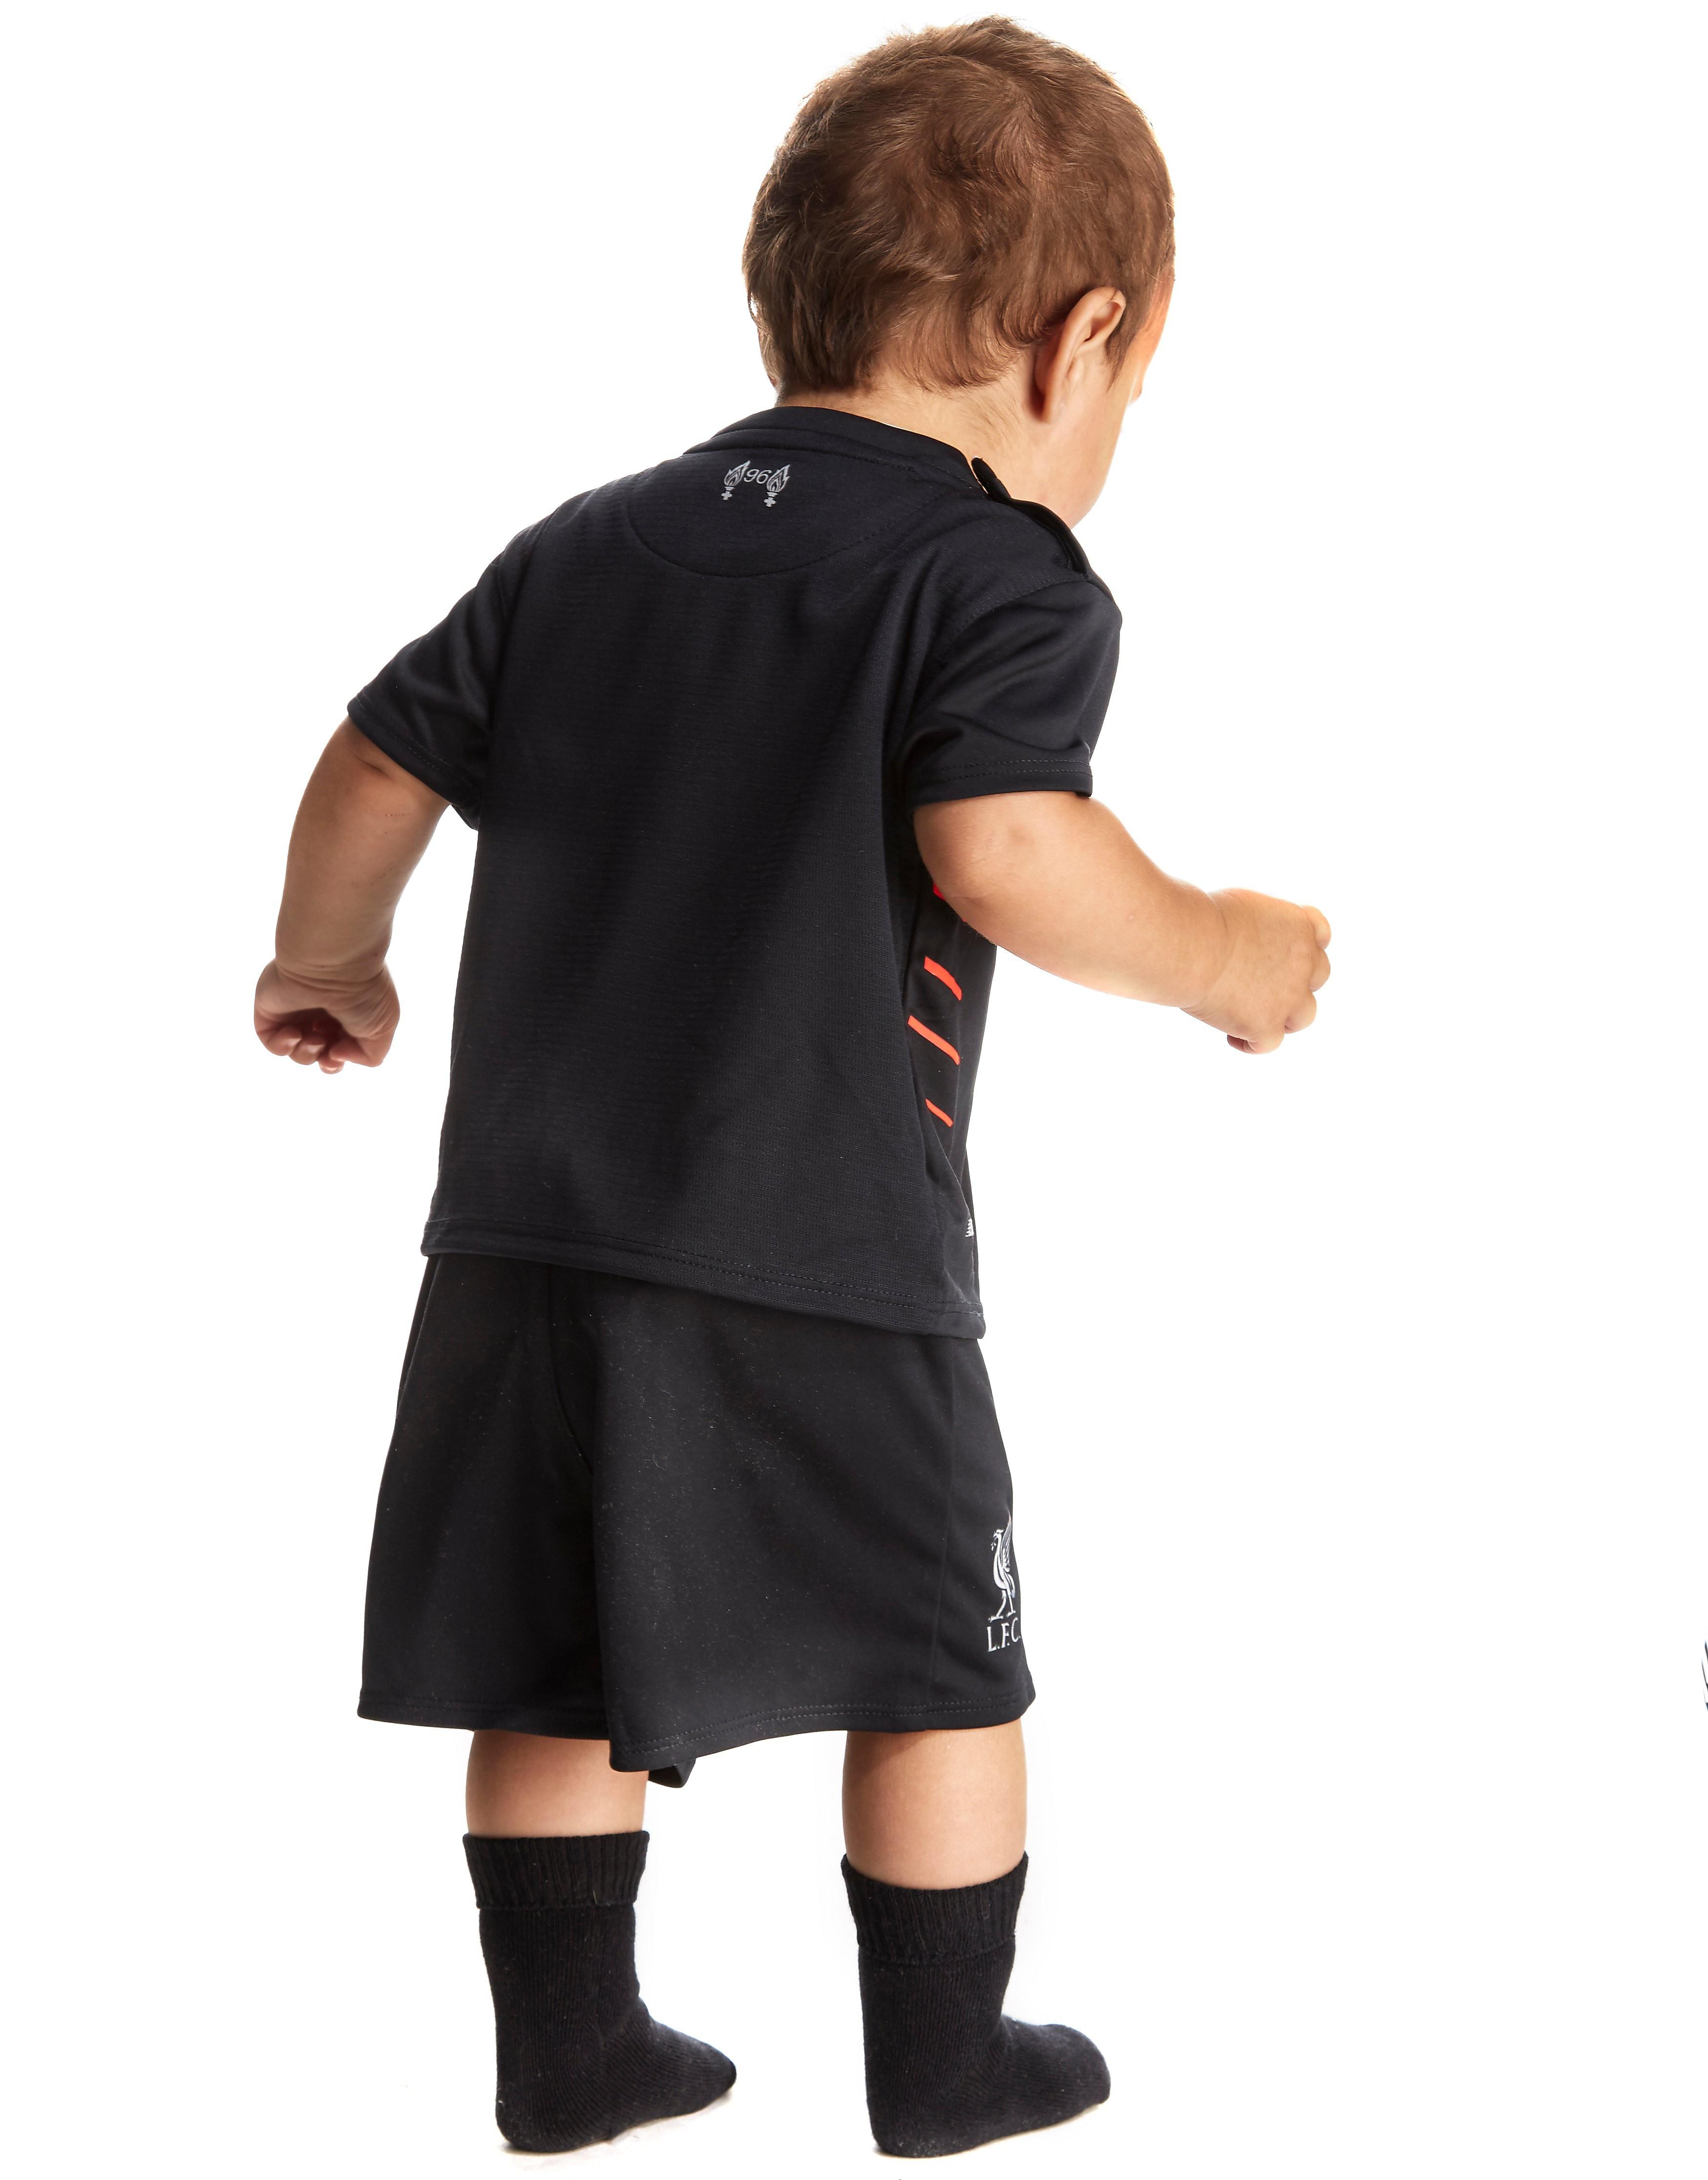 New Balance Liverpool FC 2016/17-uittenue voor baby's